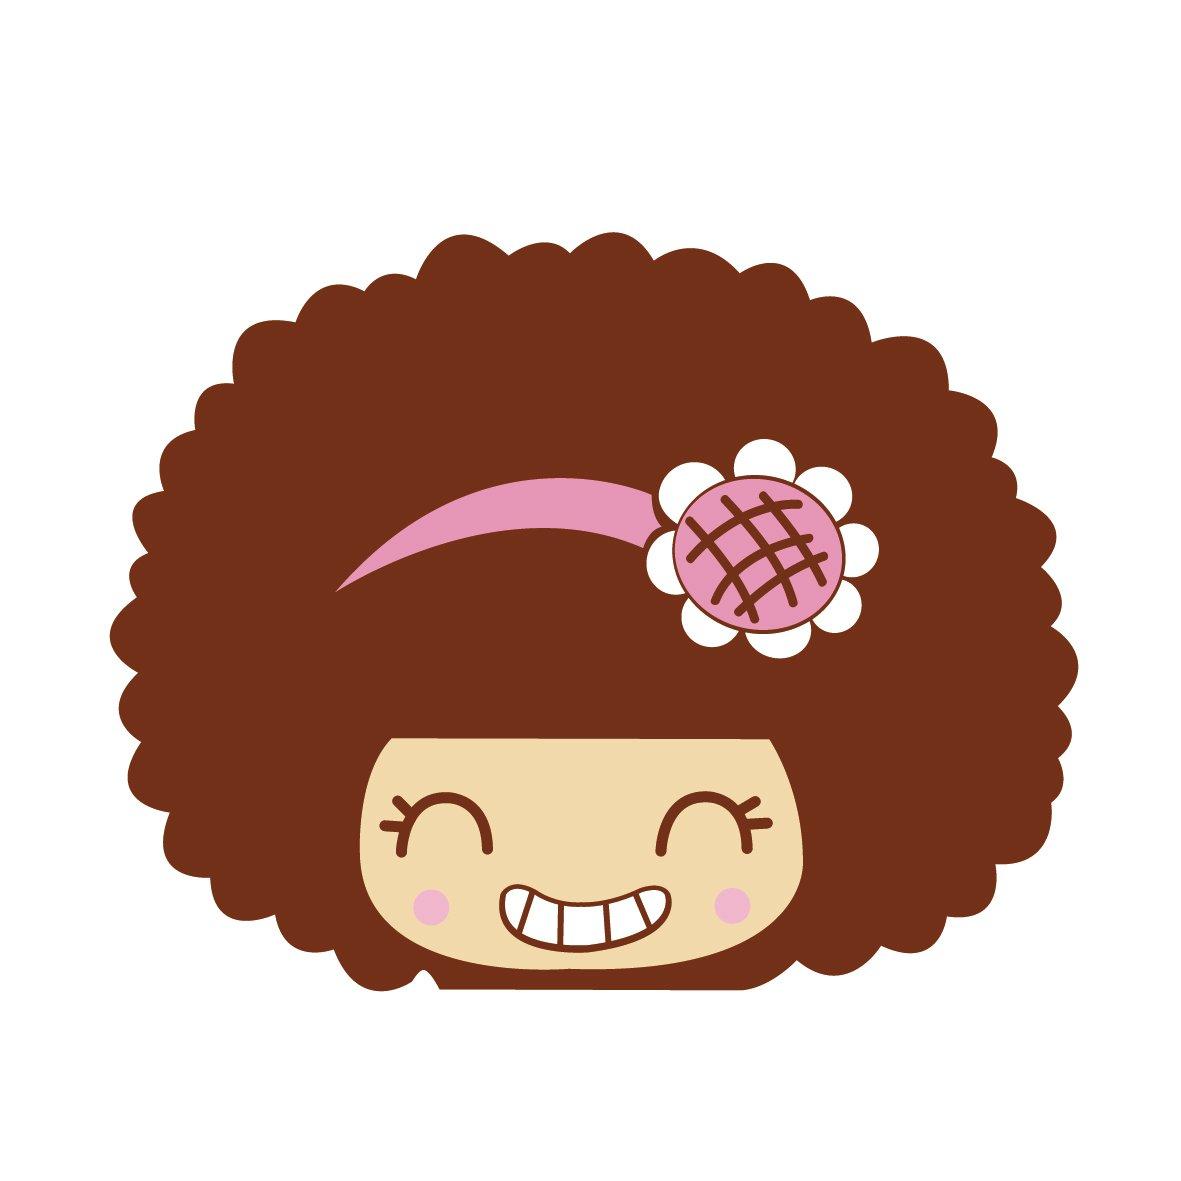 卡艺 汽车贴纸 mocmoc 摩丝娃娃粉色向日葵发卡 汽车划痕贴 搞笑可爱